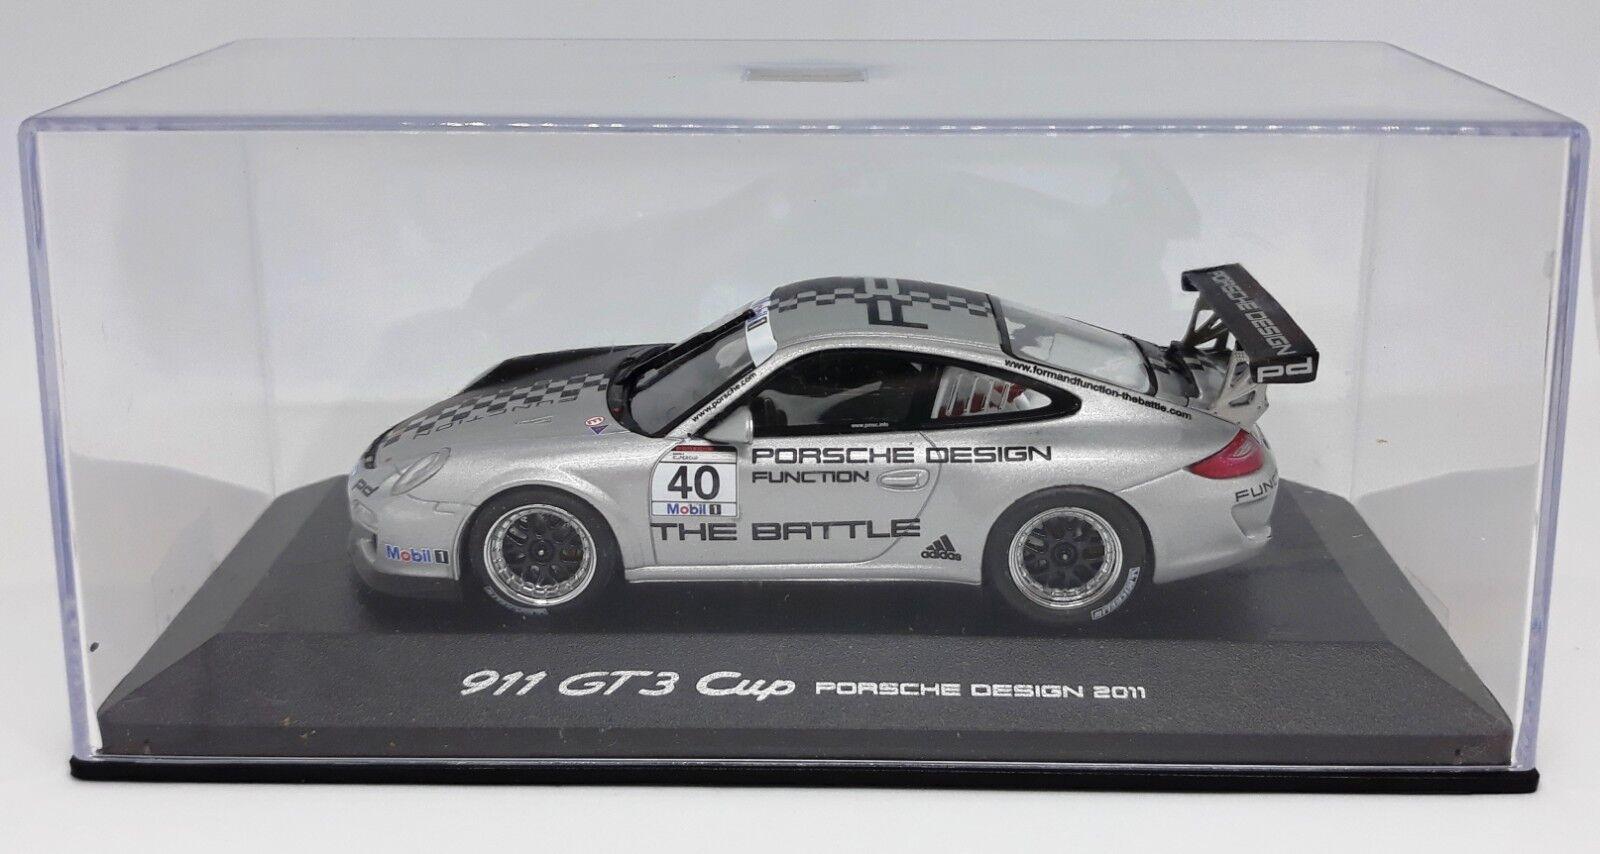 Porsche 911 (997) gt 3 cup design edition 2011 minichamps 143